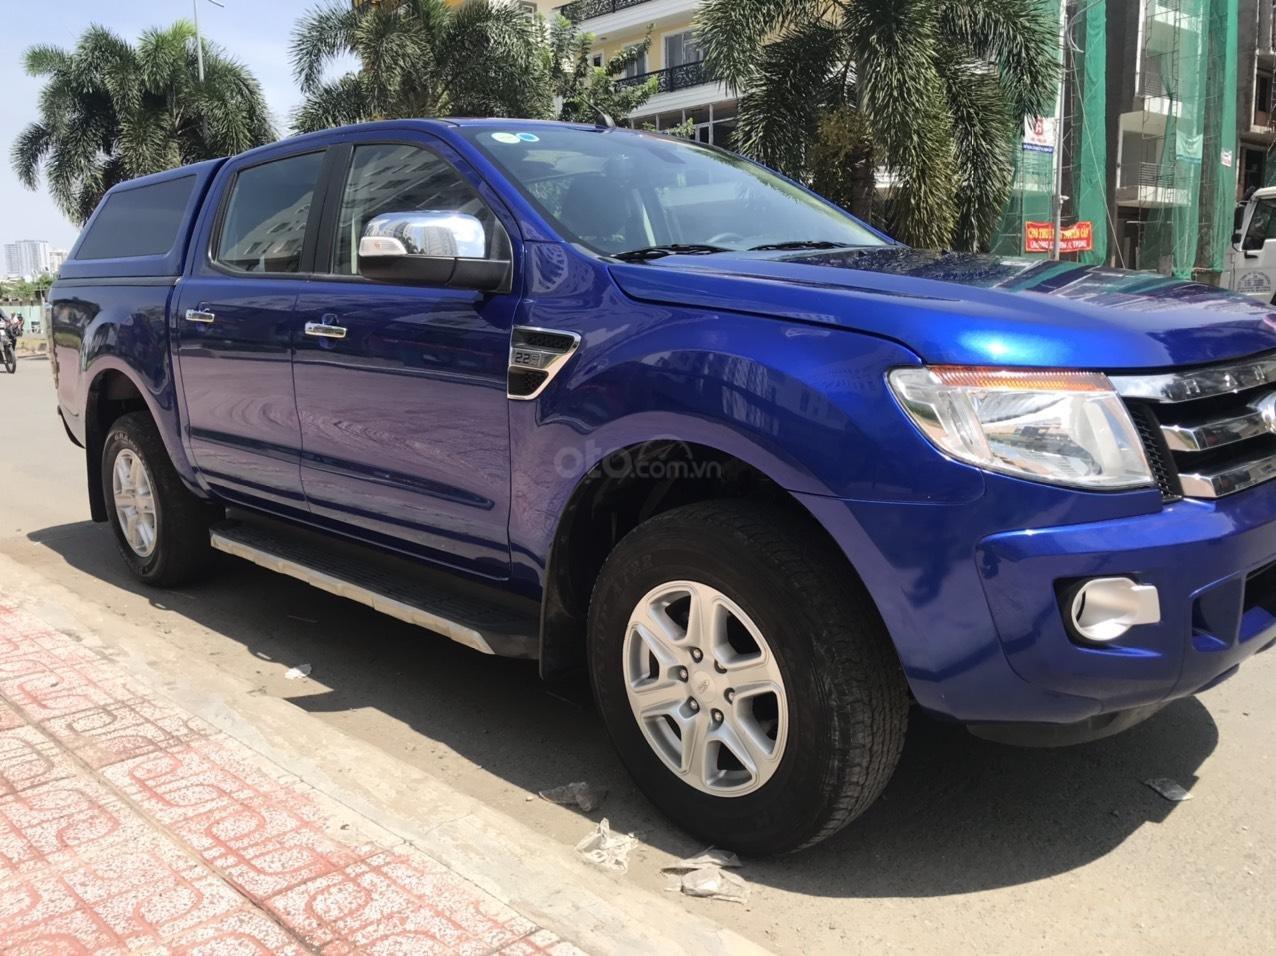 Cần bán Ford Ranger XLT MT 2.5L 2015, màu xanh lam, xe nhập, giá chỉ 485 triệu (1)